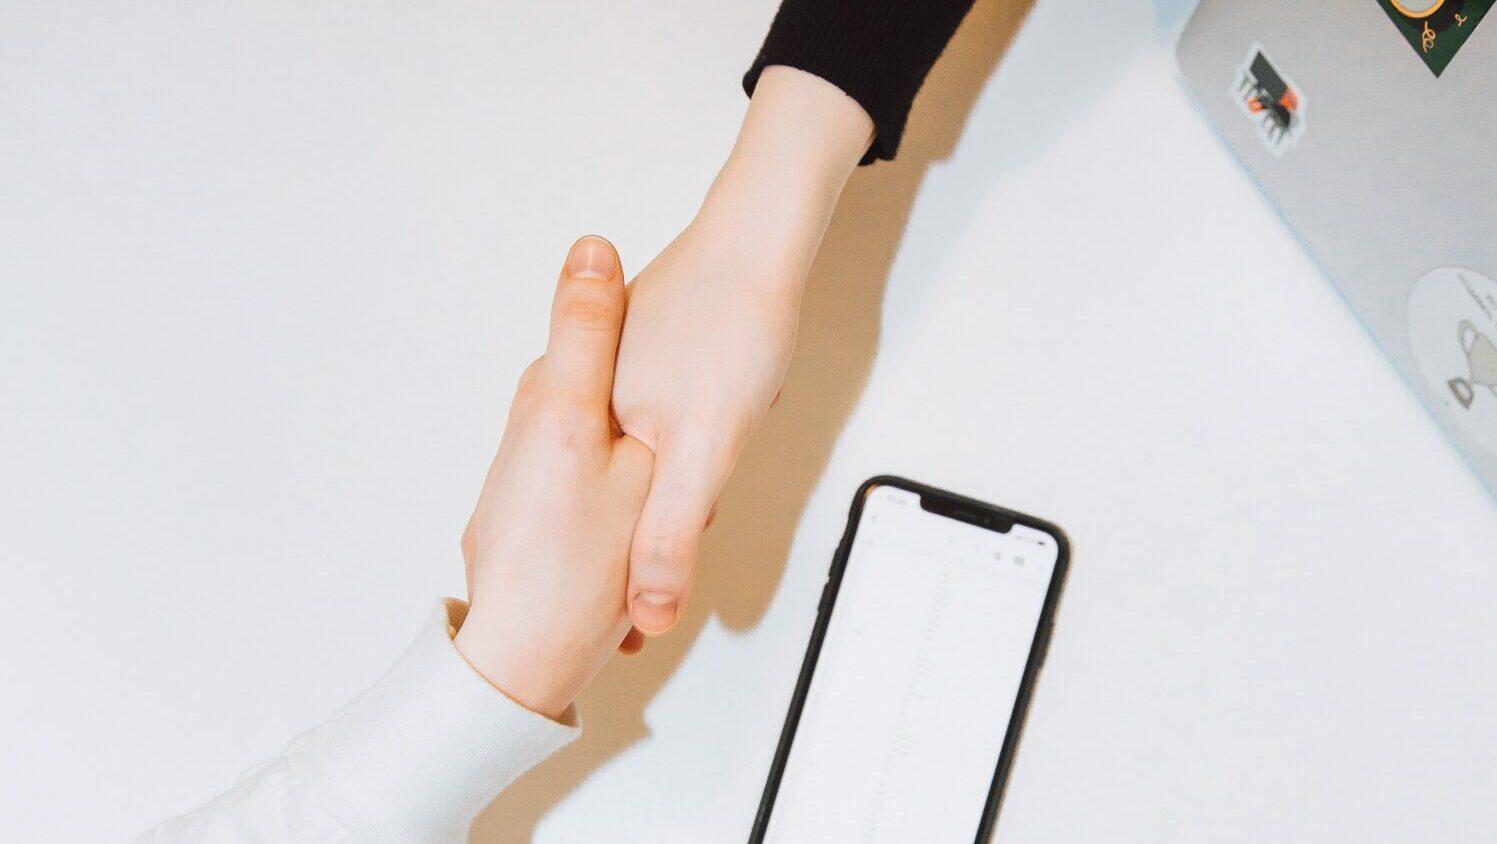 2 handen geven een handdruk boven een tafel